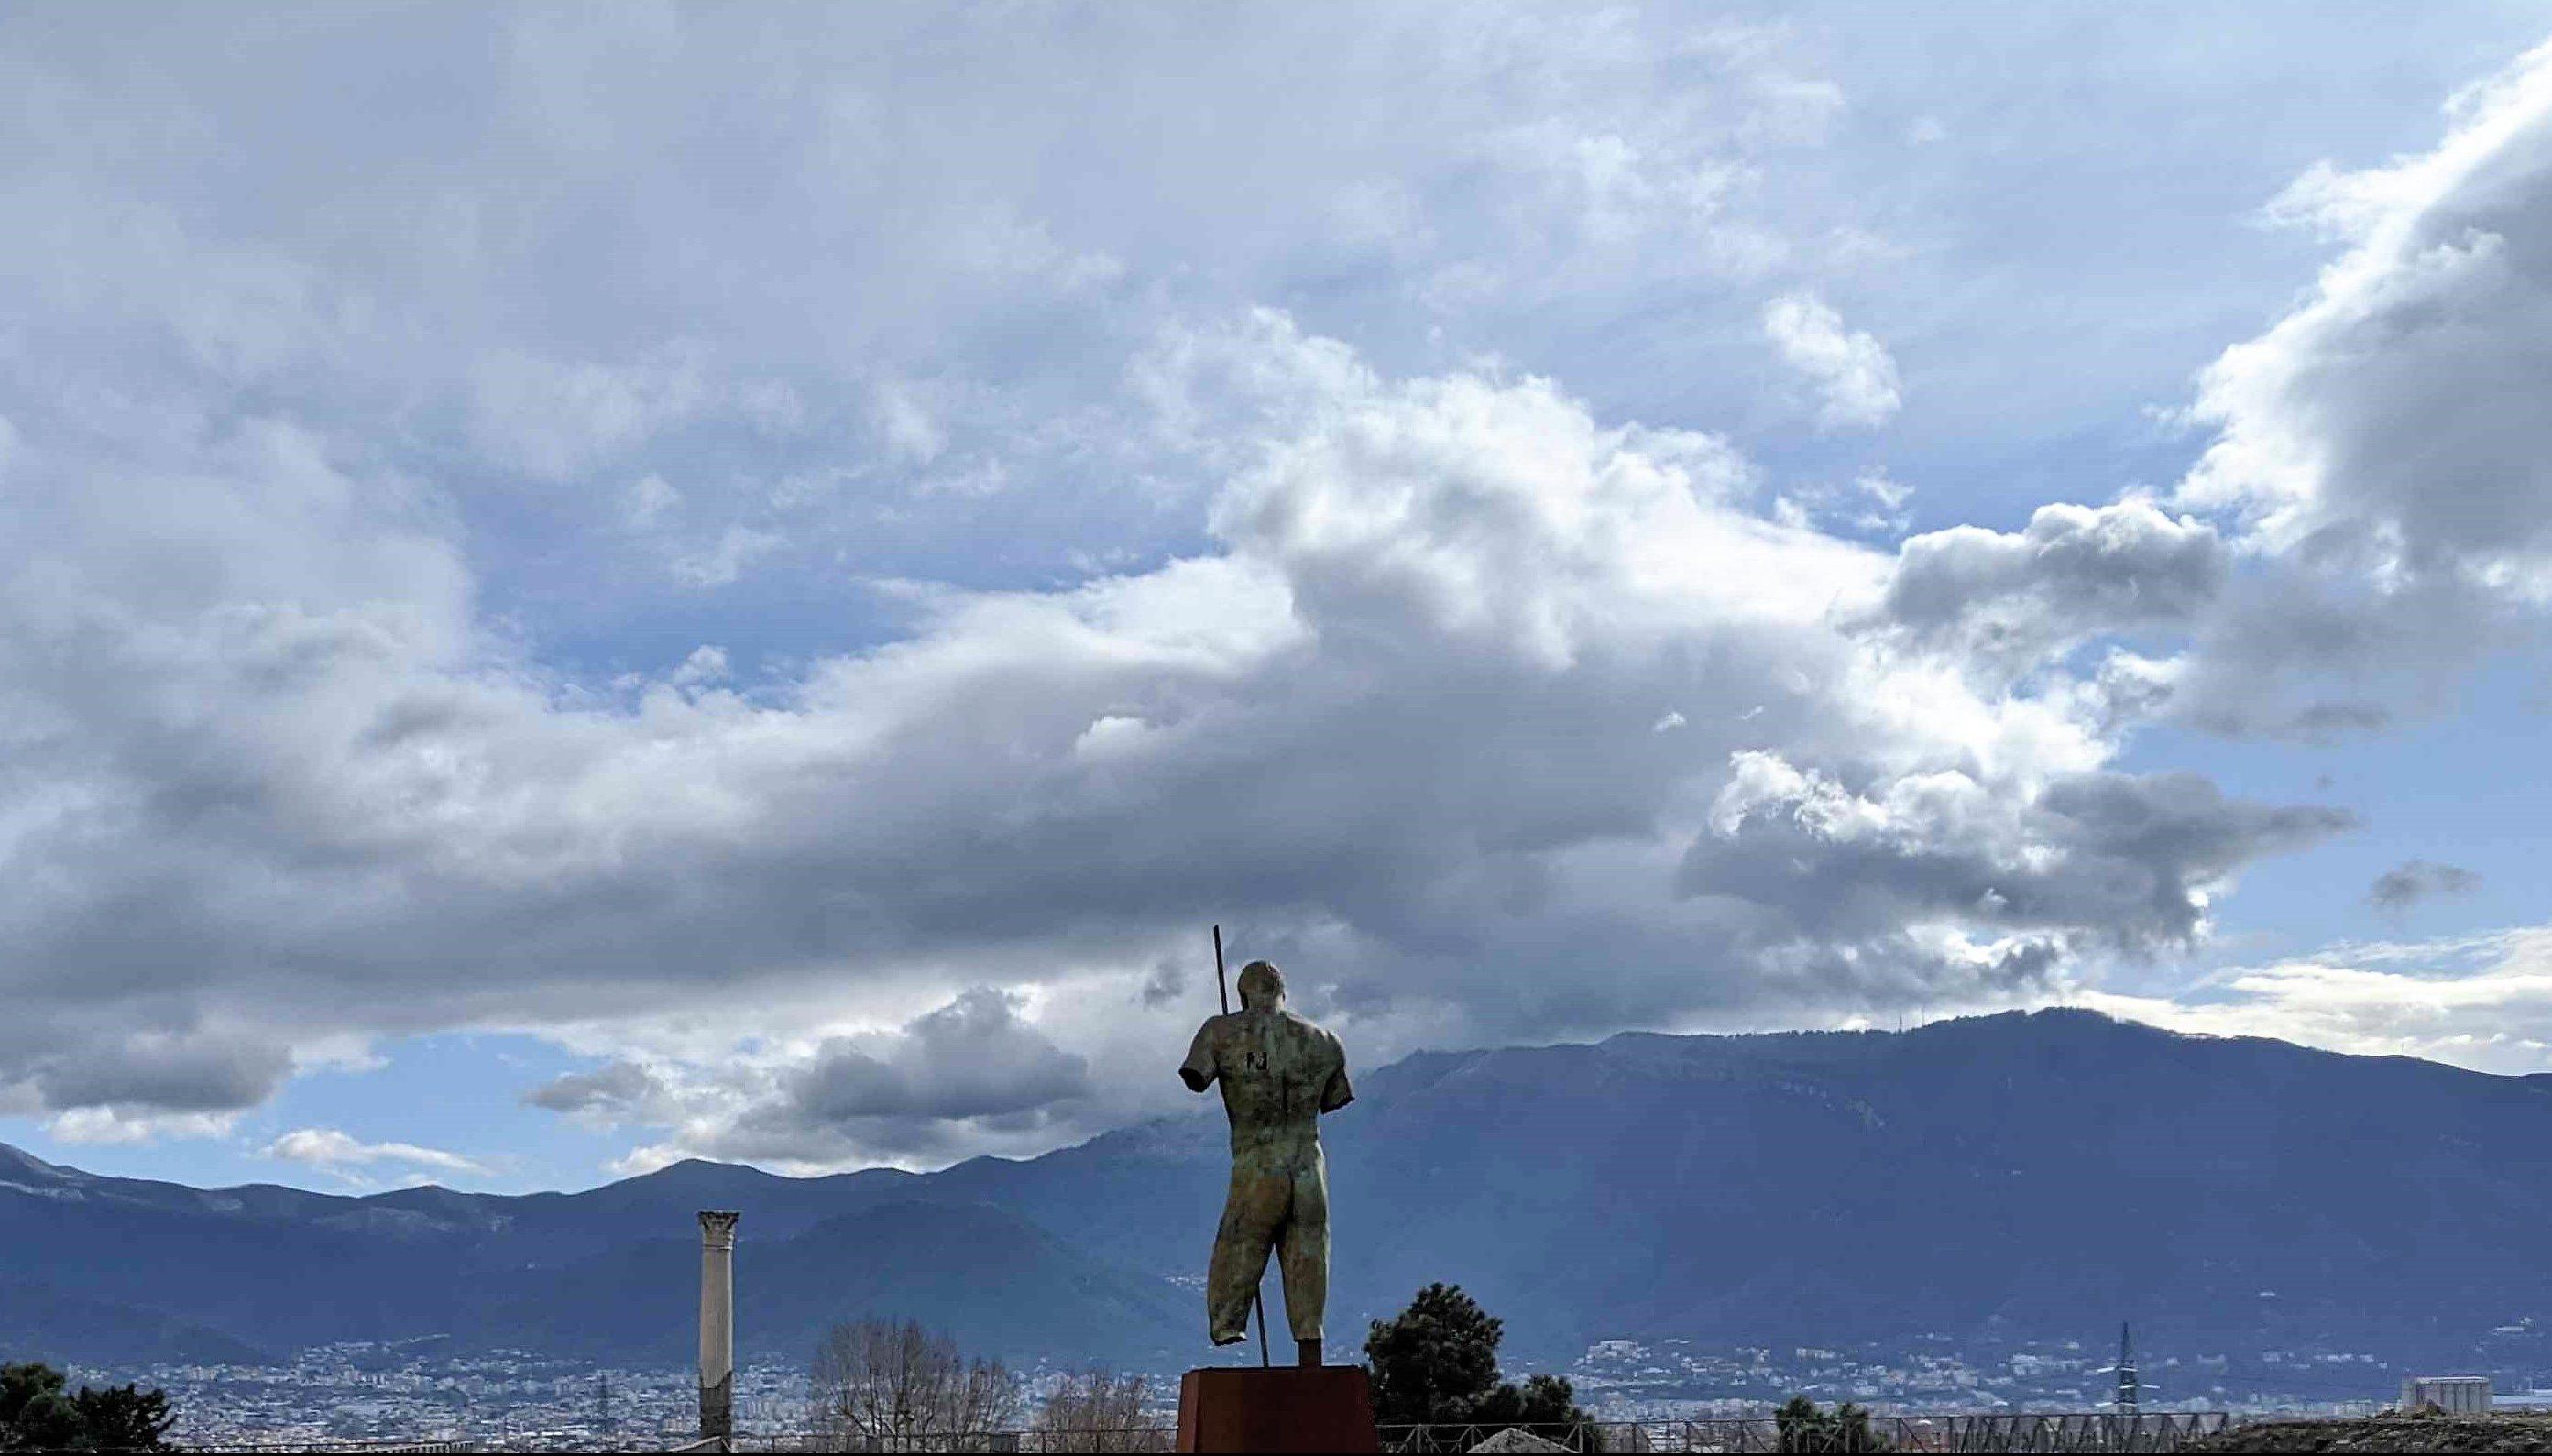 Daedalus Pompeii bronze statue Igor Mitoraj